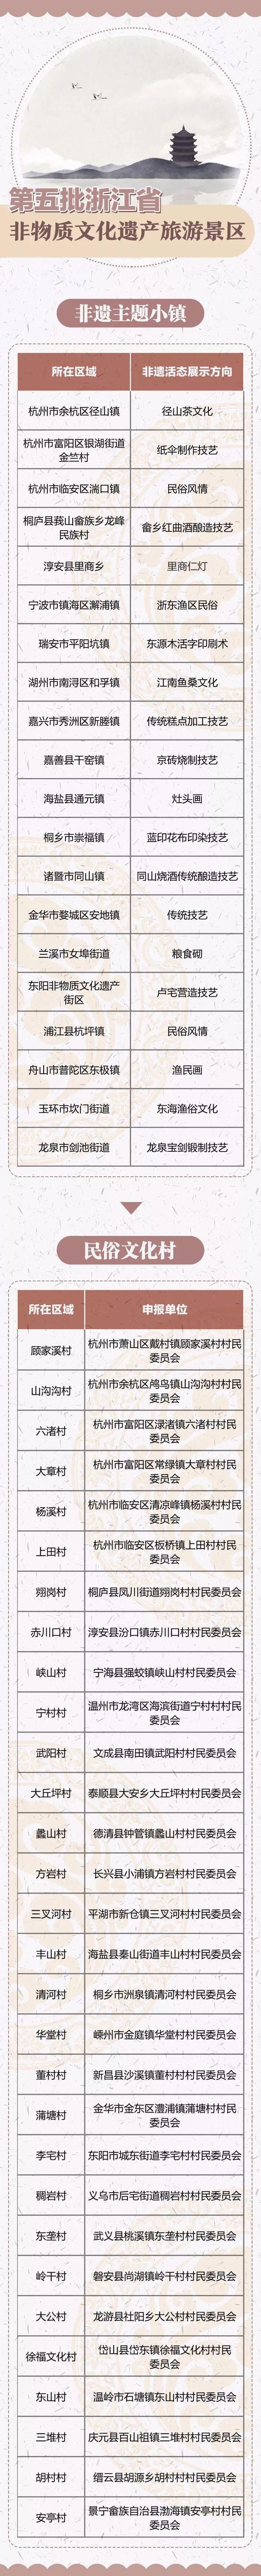 浙江新增50个非遗景区都在哪?杭州多处上榜!图1